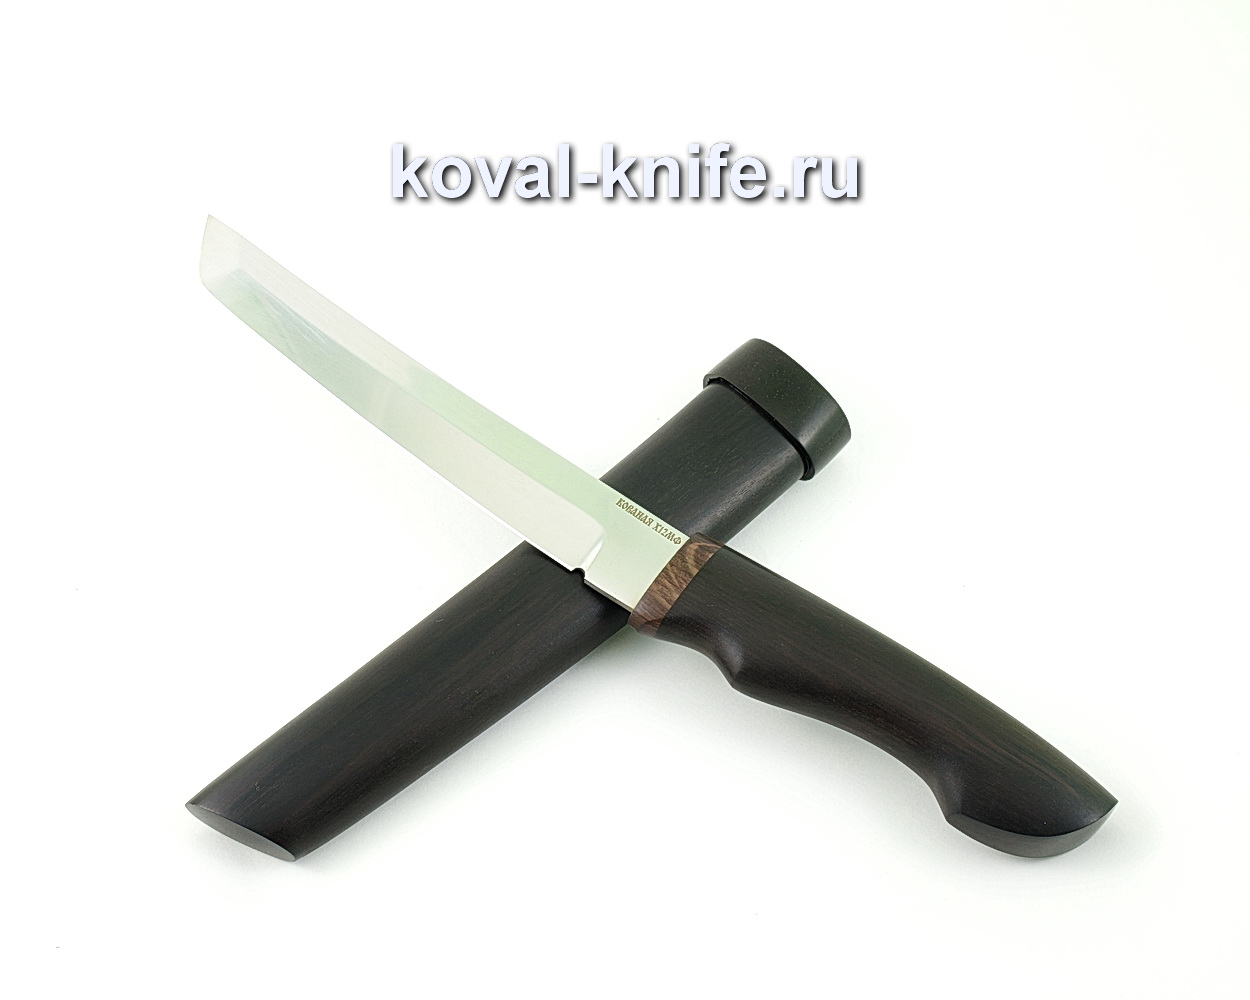 Нож из кованой стали Х12 Танто в деревянных ножнах (рукоять и ножны граб) A504